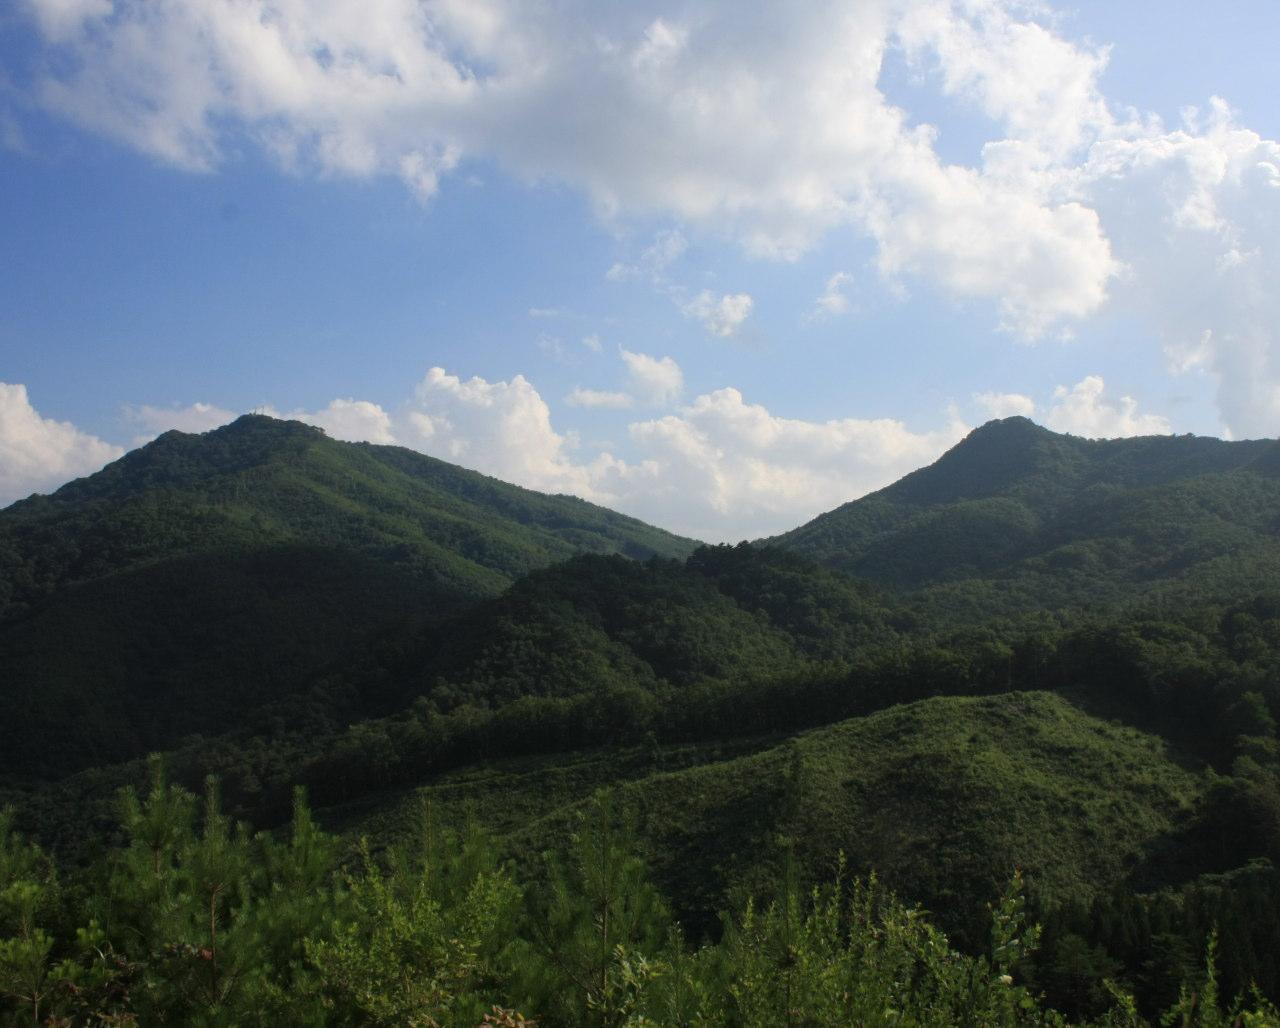 夏の和佐羅比山(岩手県野田村)